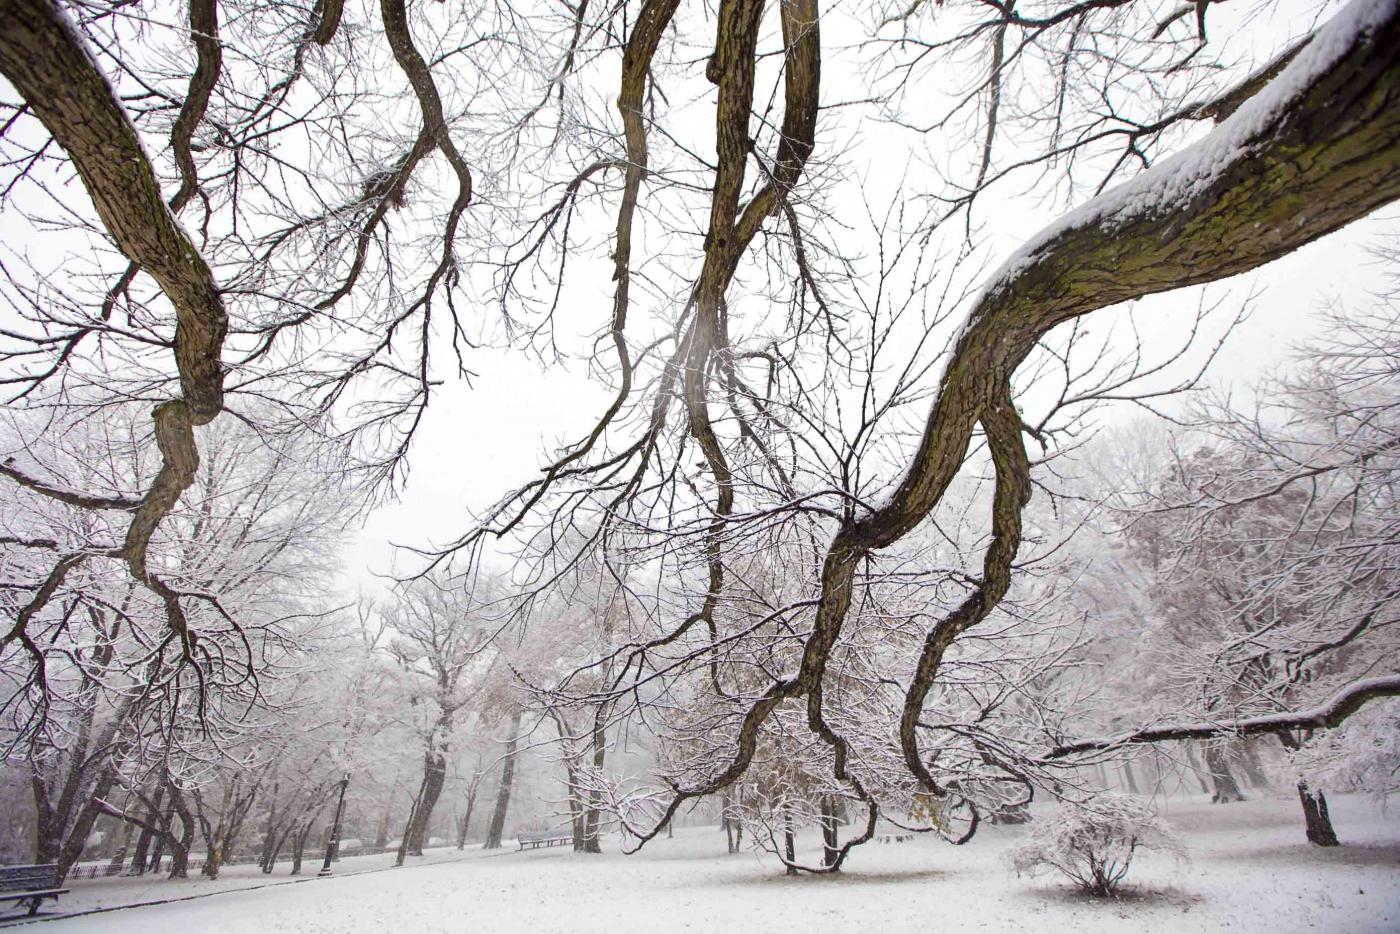 雪中即景_图1-4